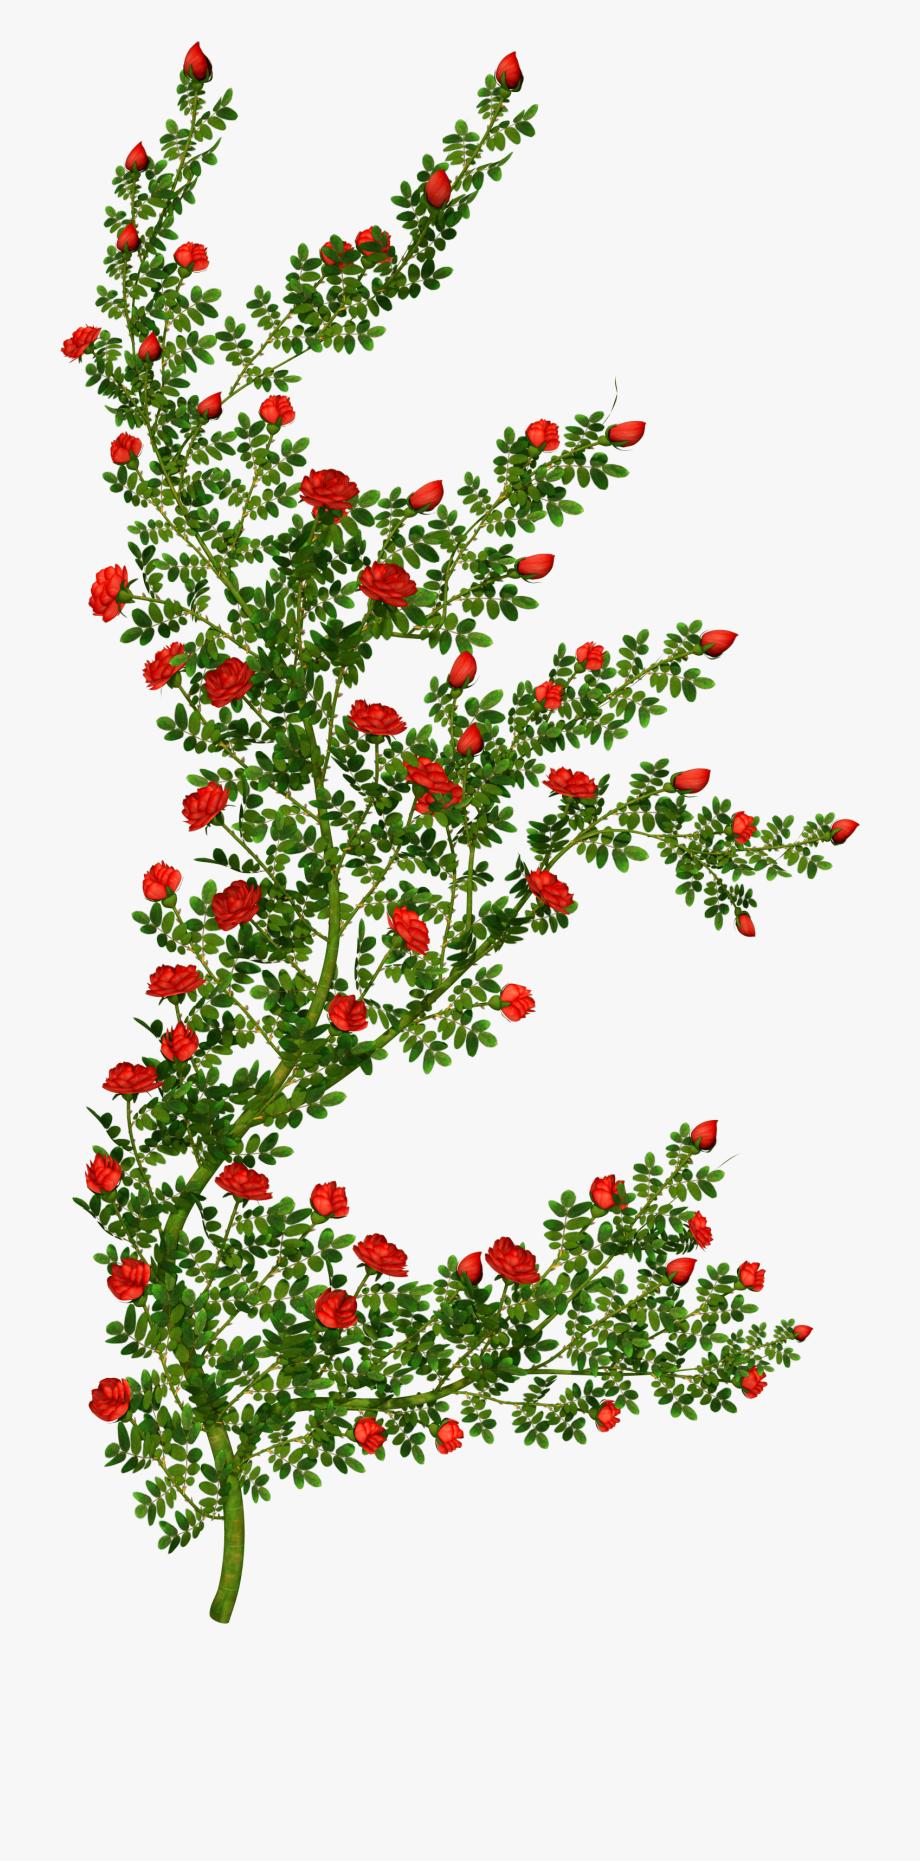 Rosebush picture rose no. Bush clipart transparent flower